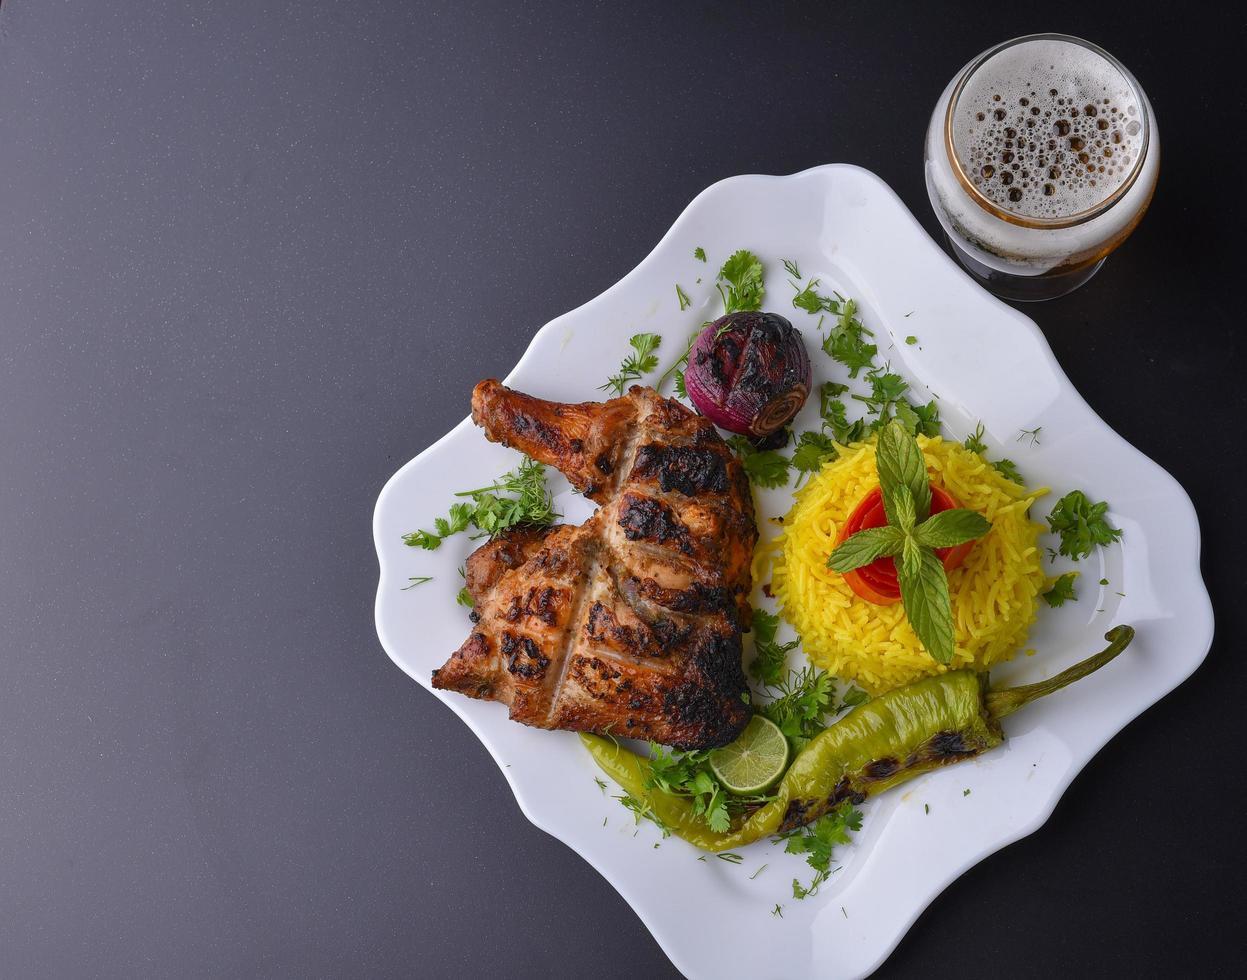 grillad kycklingbröstlunch foto